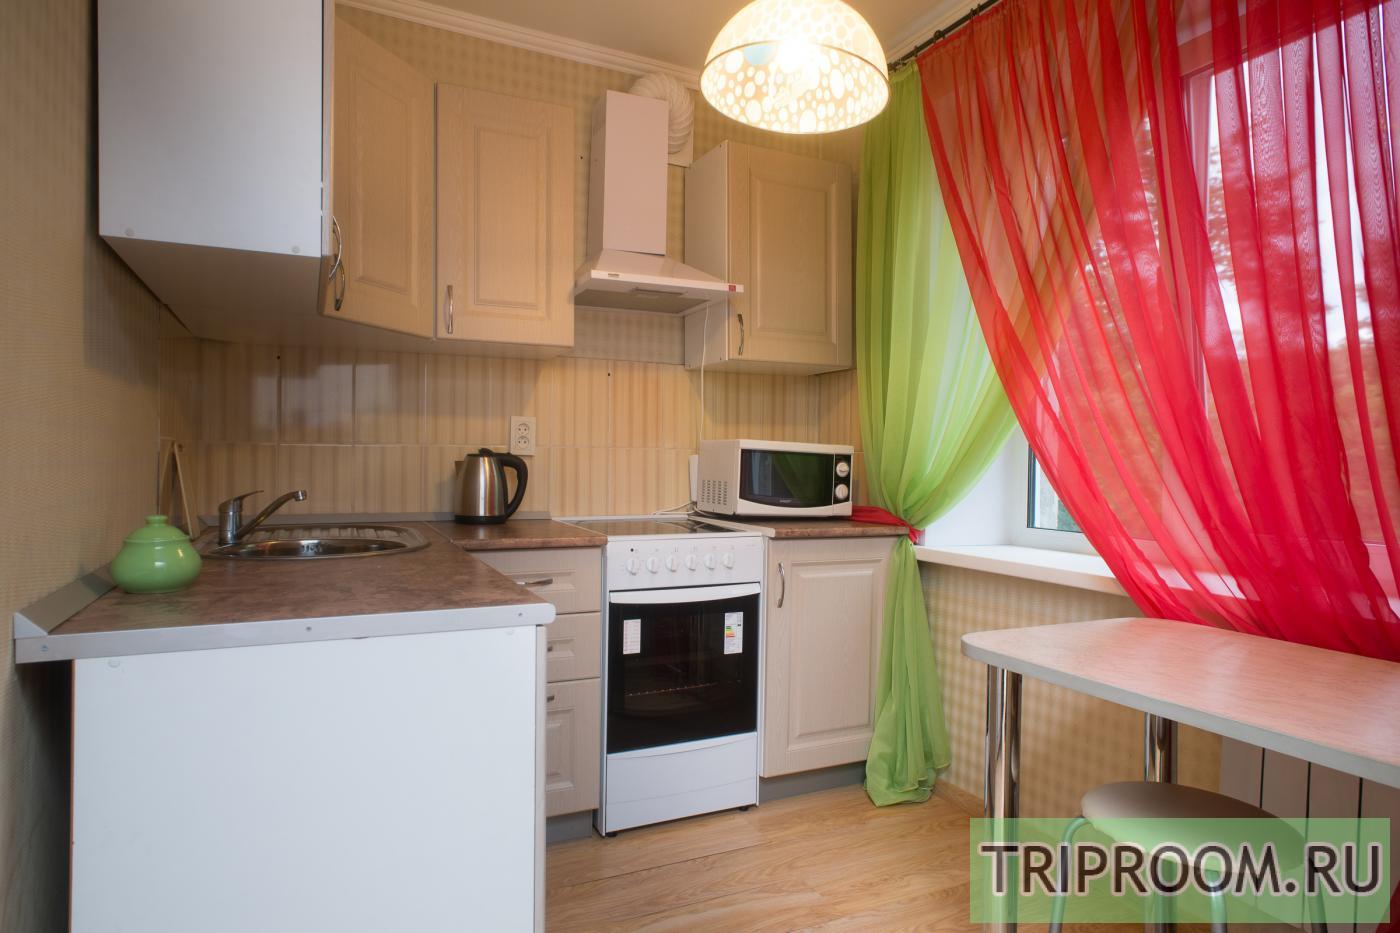 1-комнатная квартира посуточно (вариант № 9994), ул. Энгельса улица, фото № 3